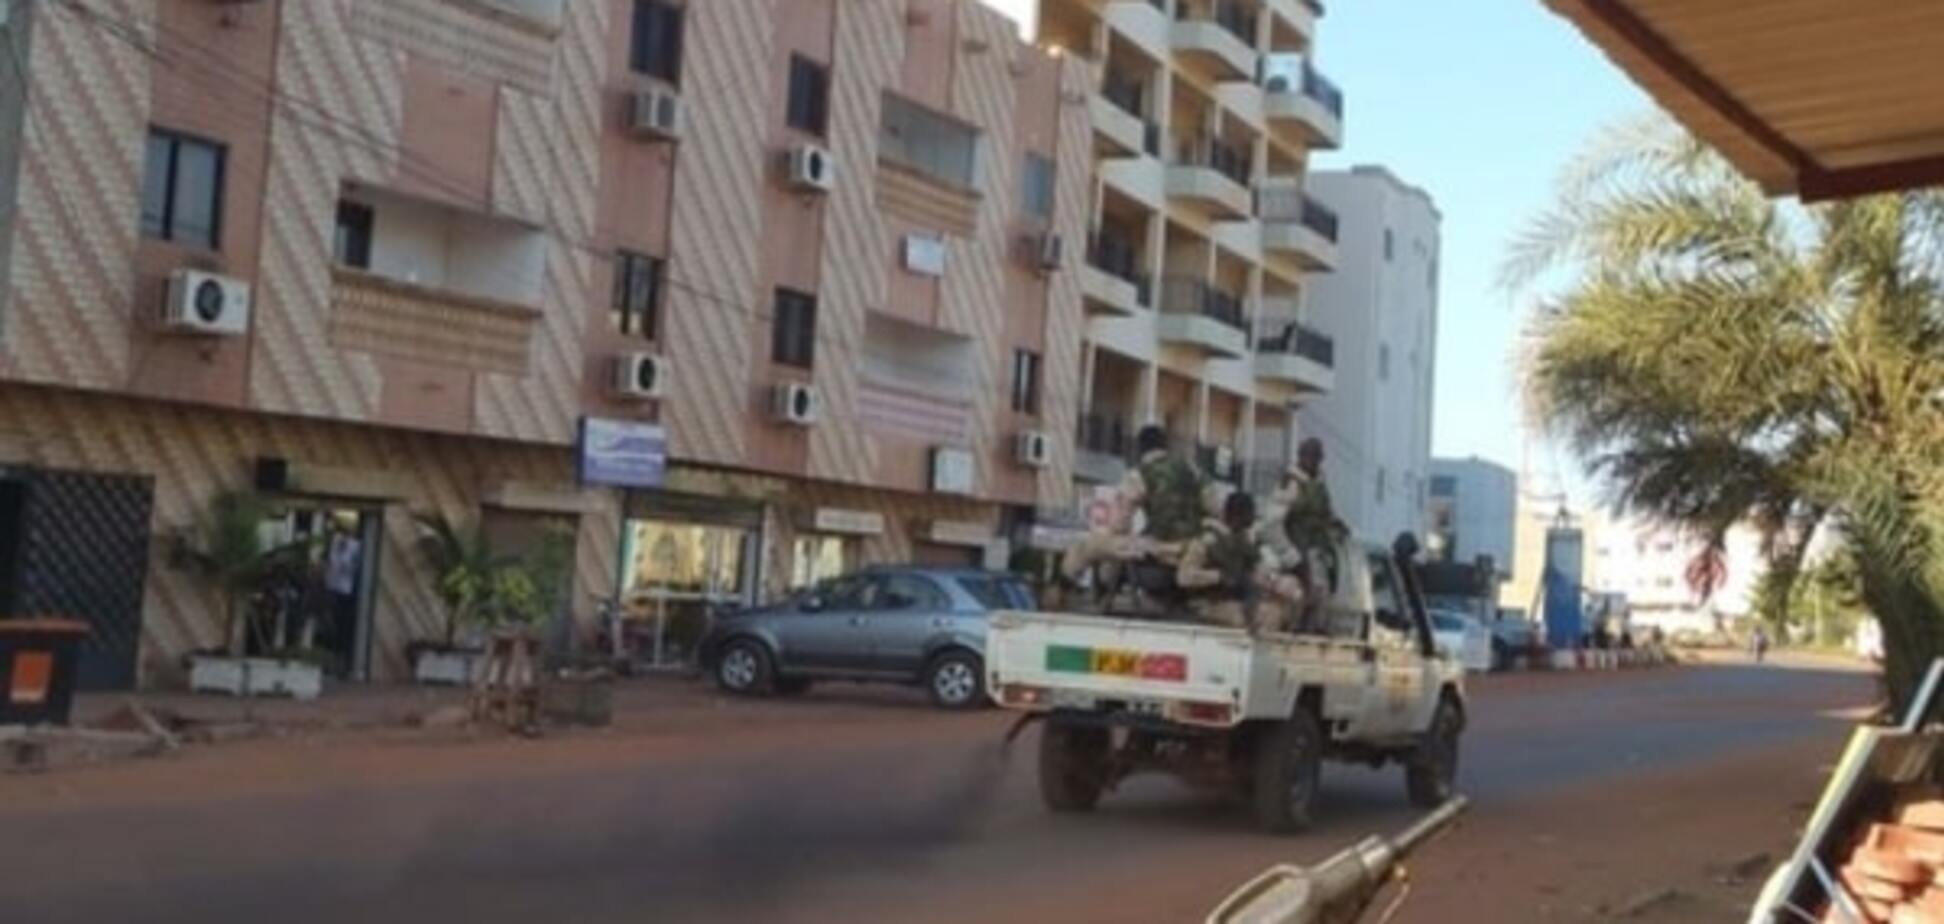 Терористи в Малі звільнили заручників, які цитували Коран